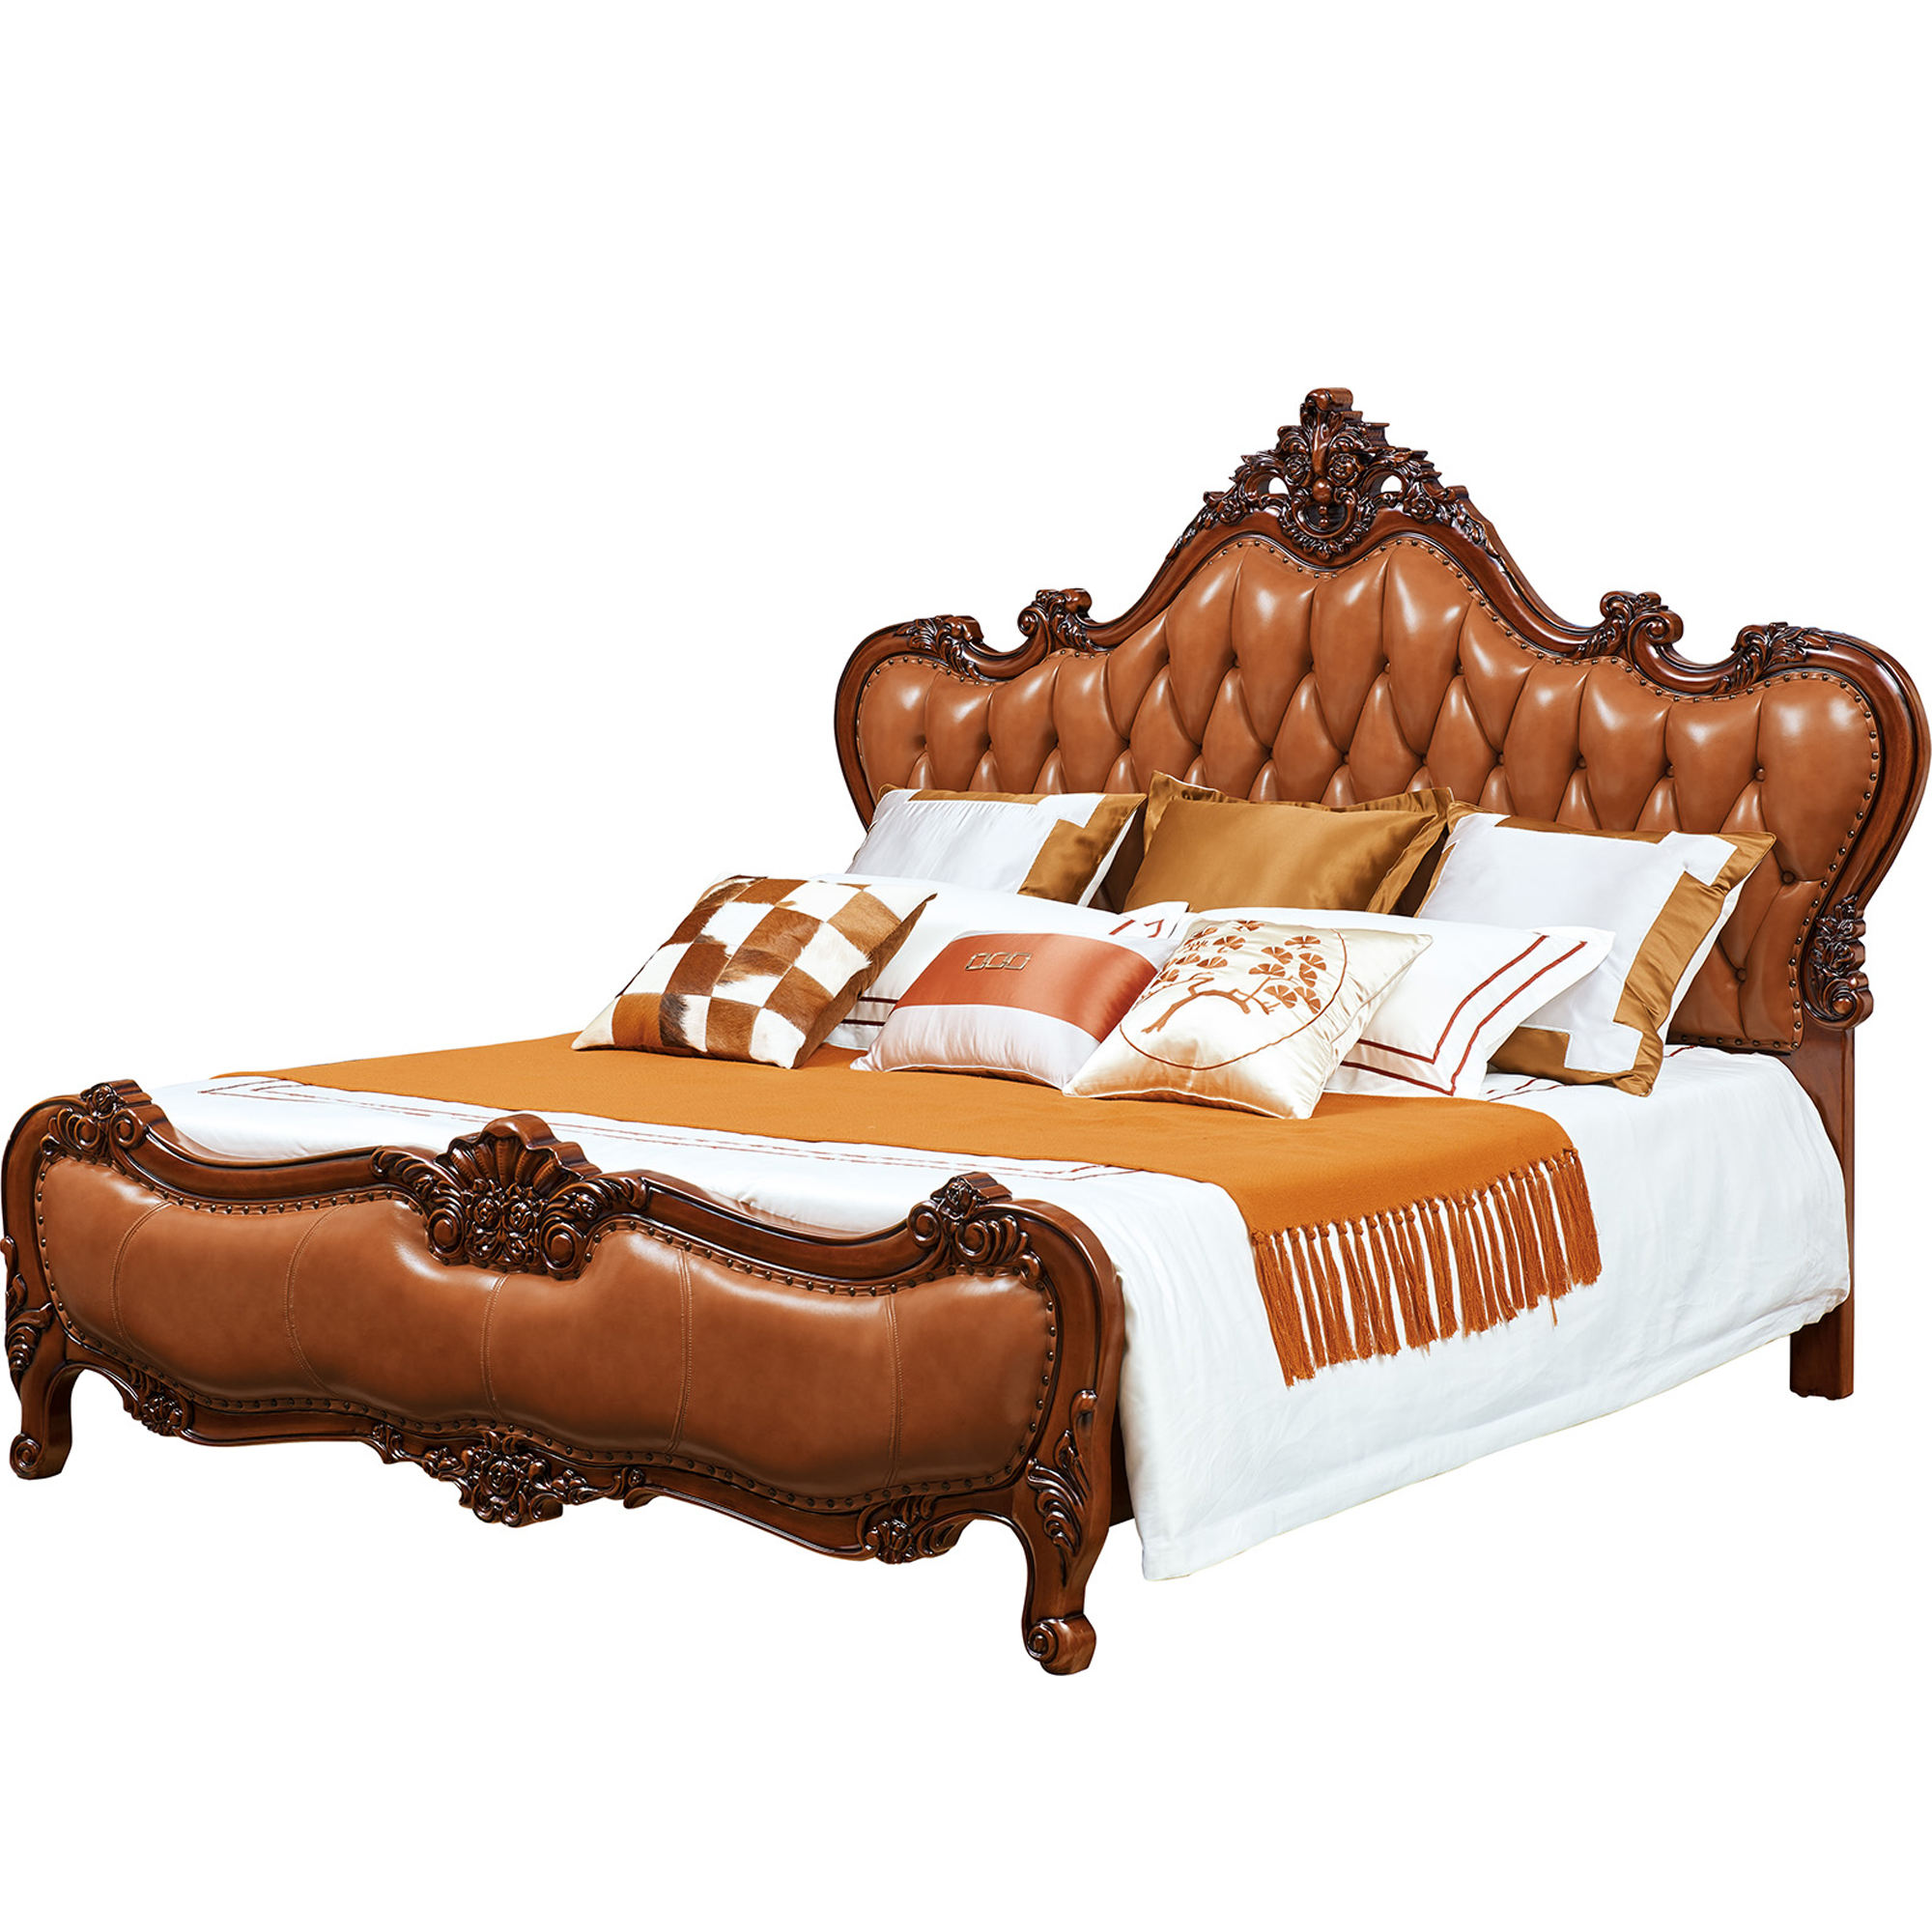 أحدث المعزي <span class=keywords><strong>الروكوكو</strong></span> الفرنسية مصمم الملكة الزفاف خشبية مزدوجة طقم سرير من الجلد البلوط الأثاث